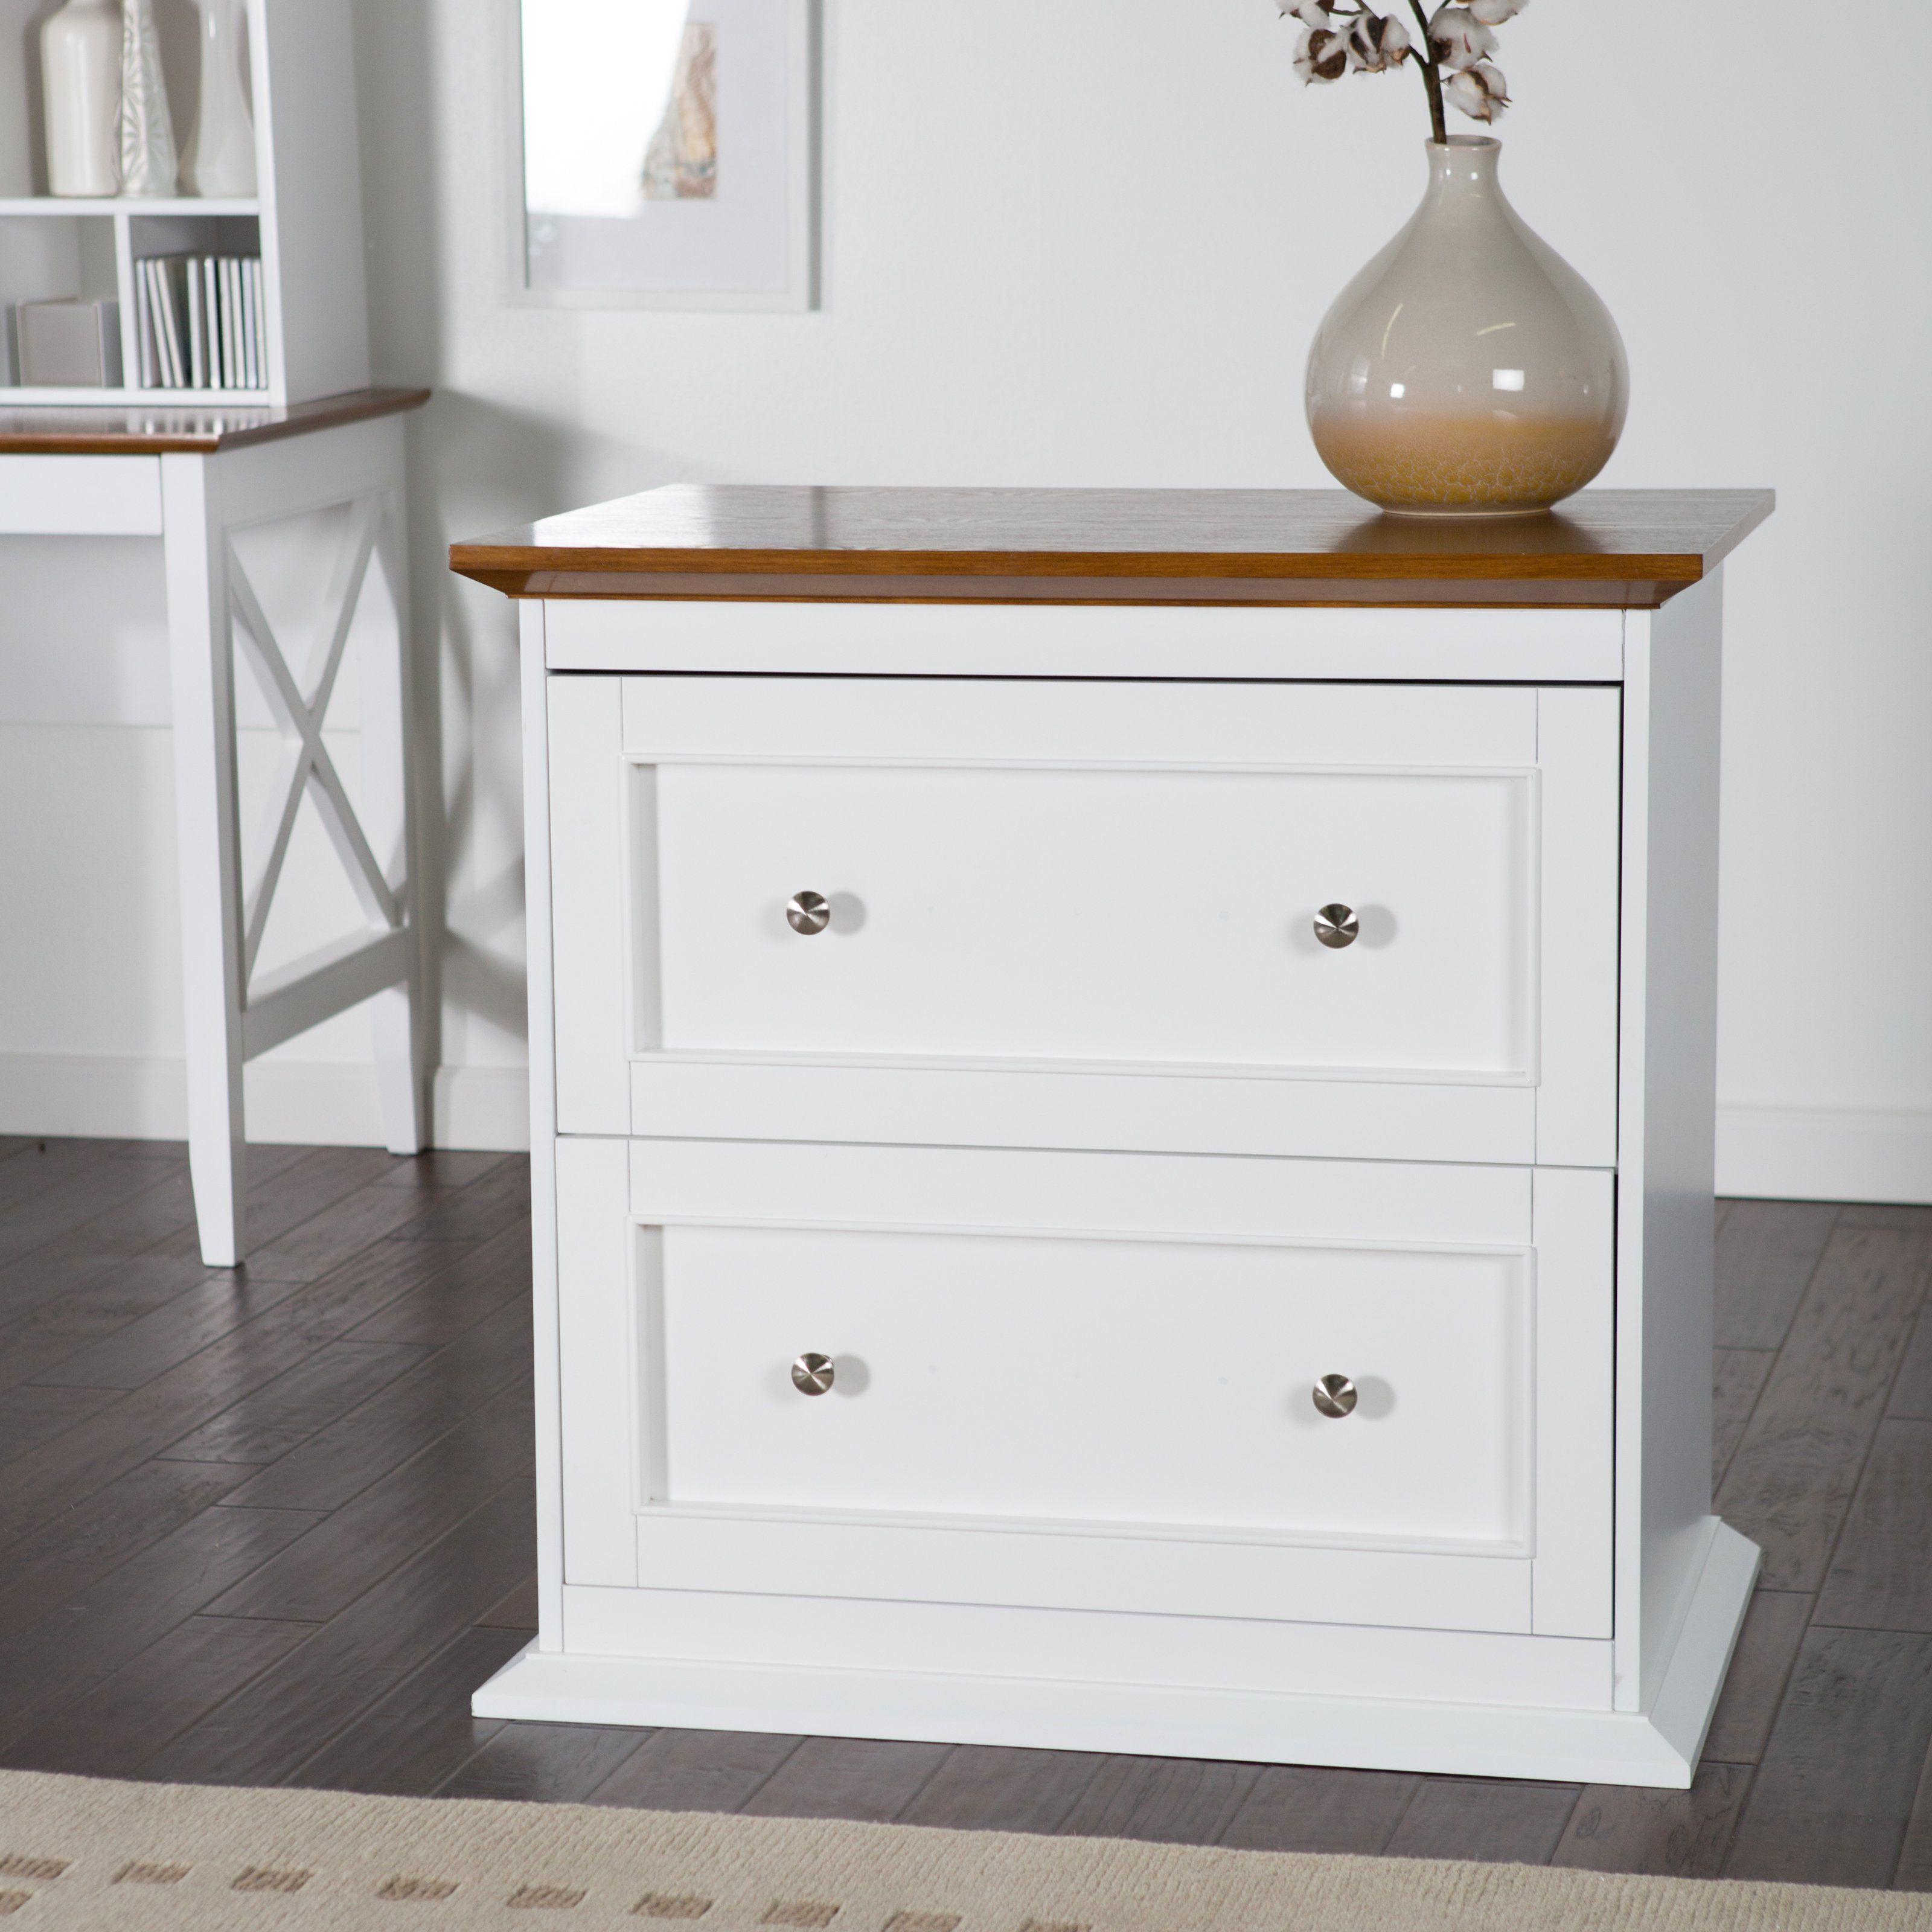 belham living hampton 2 drawer lateral wood file cabinet white oak file cabinets drawer. Black Bedroom Furniture Sets. Home Design Ideas